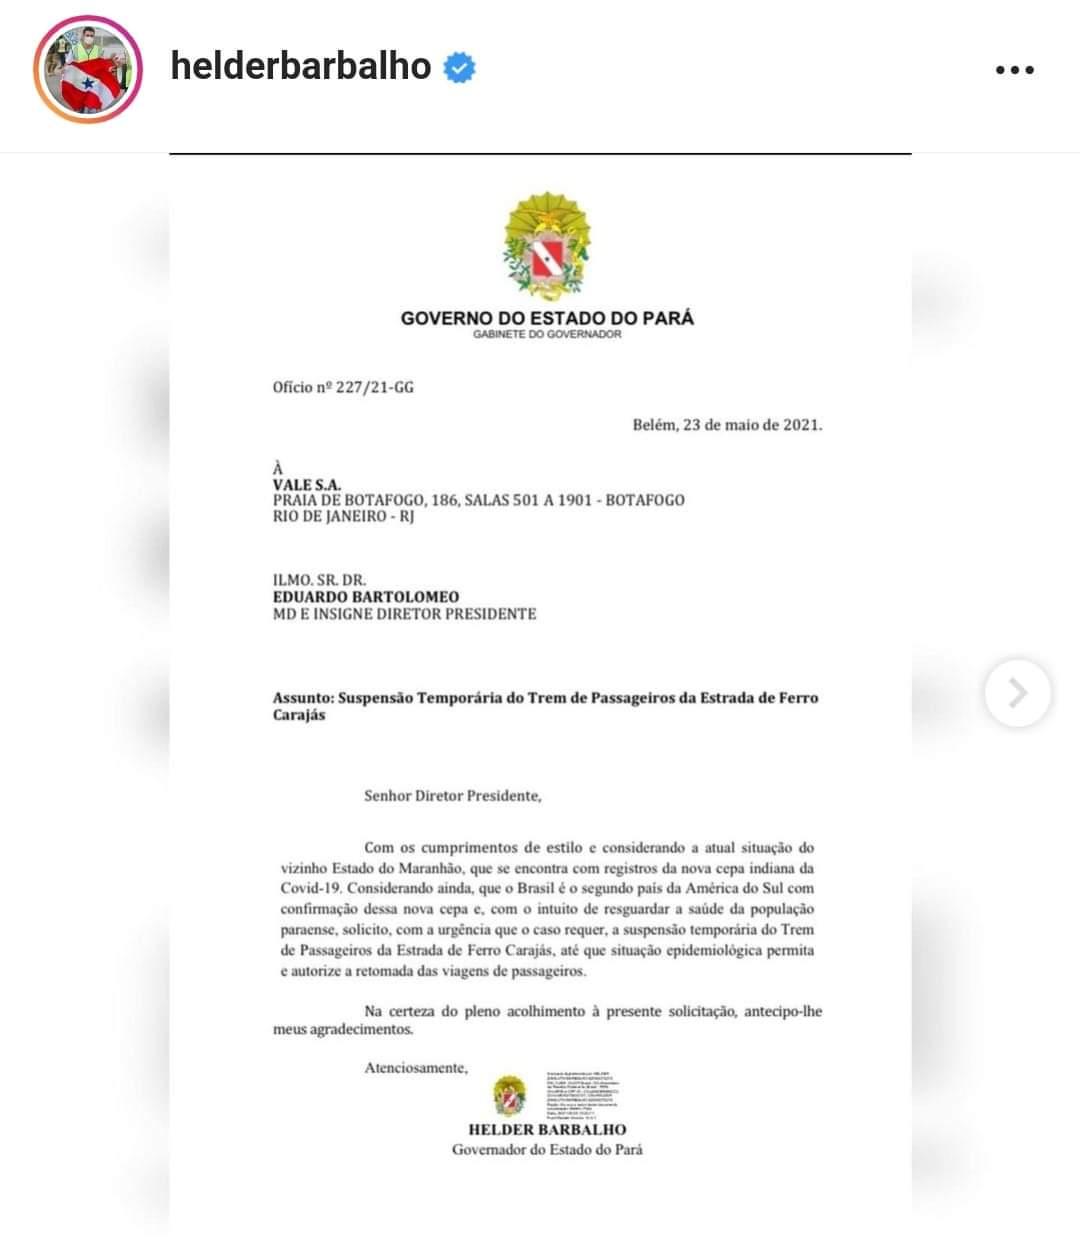 Hélder envia ofícios para cobrar medidas de prevenção contra a variante indiana da covid-19 no Pará.